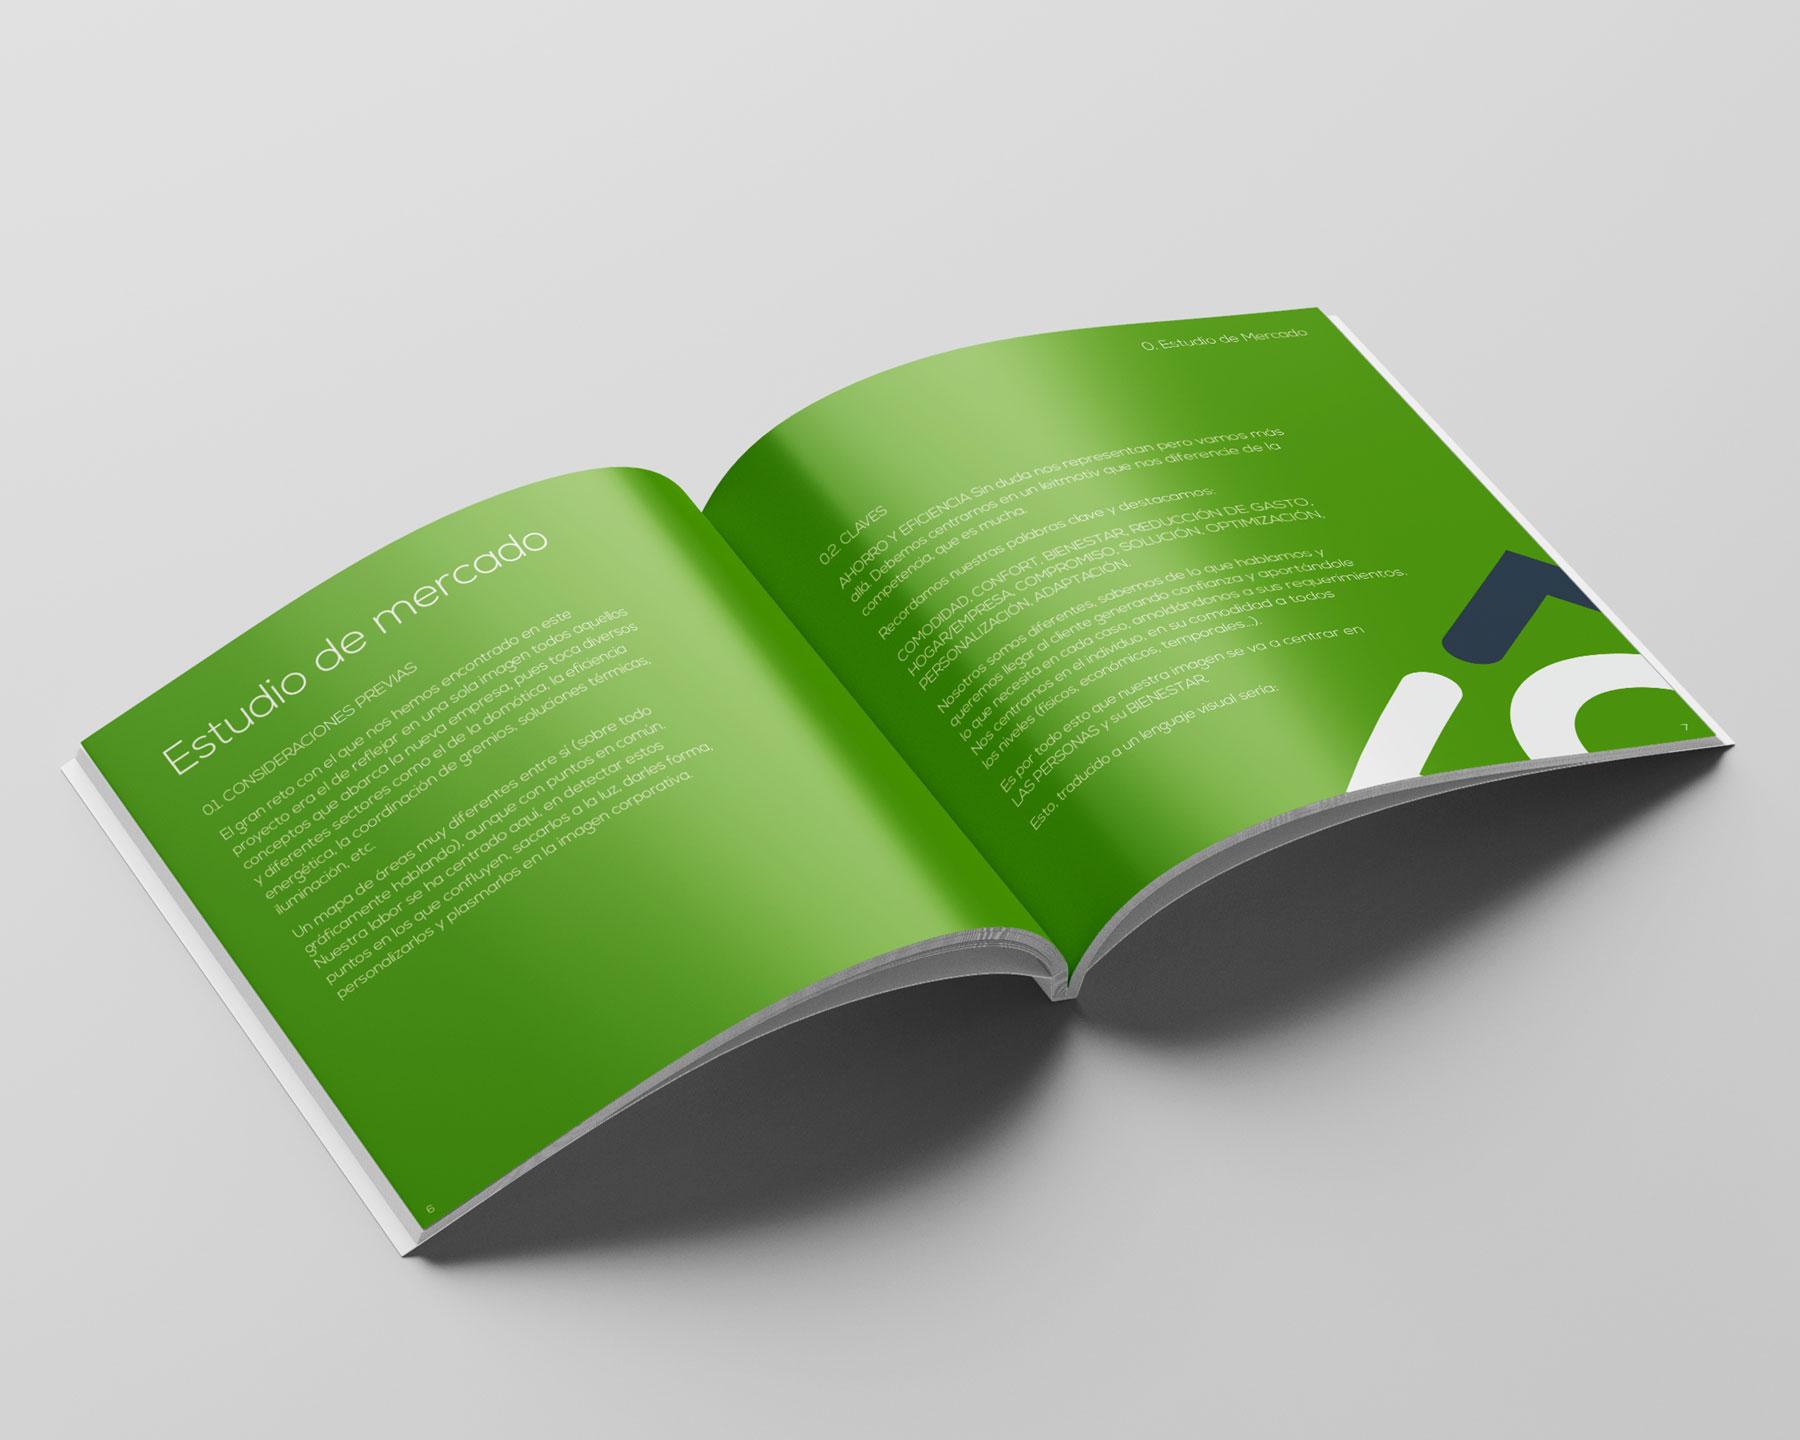 Manual identidad corporativa Ekonura